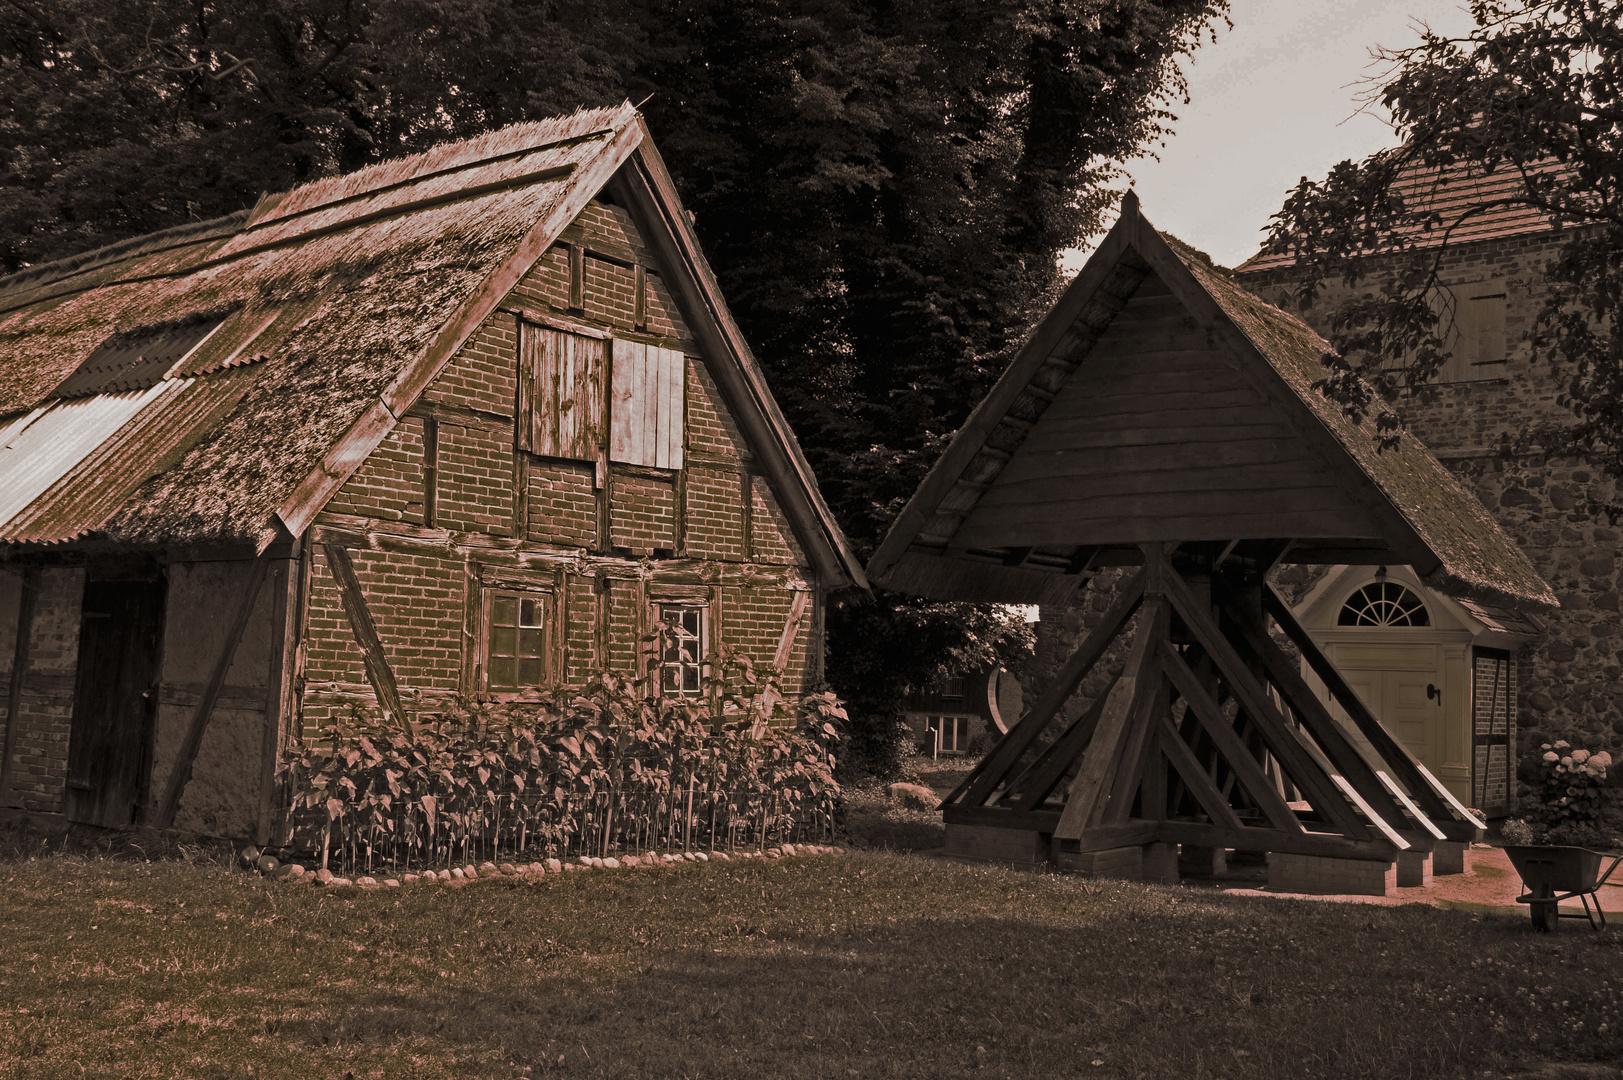 Kirchhof in einem kleinen Dorf auf Usedom